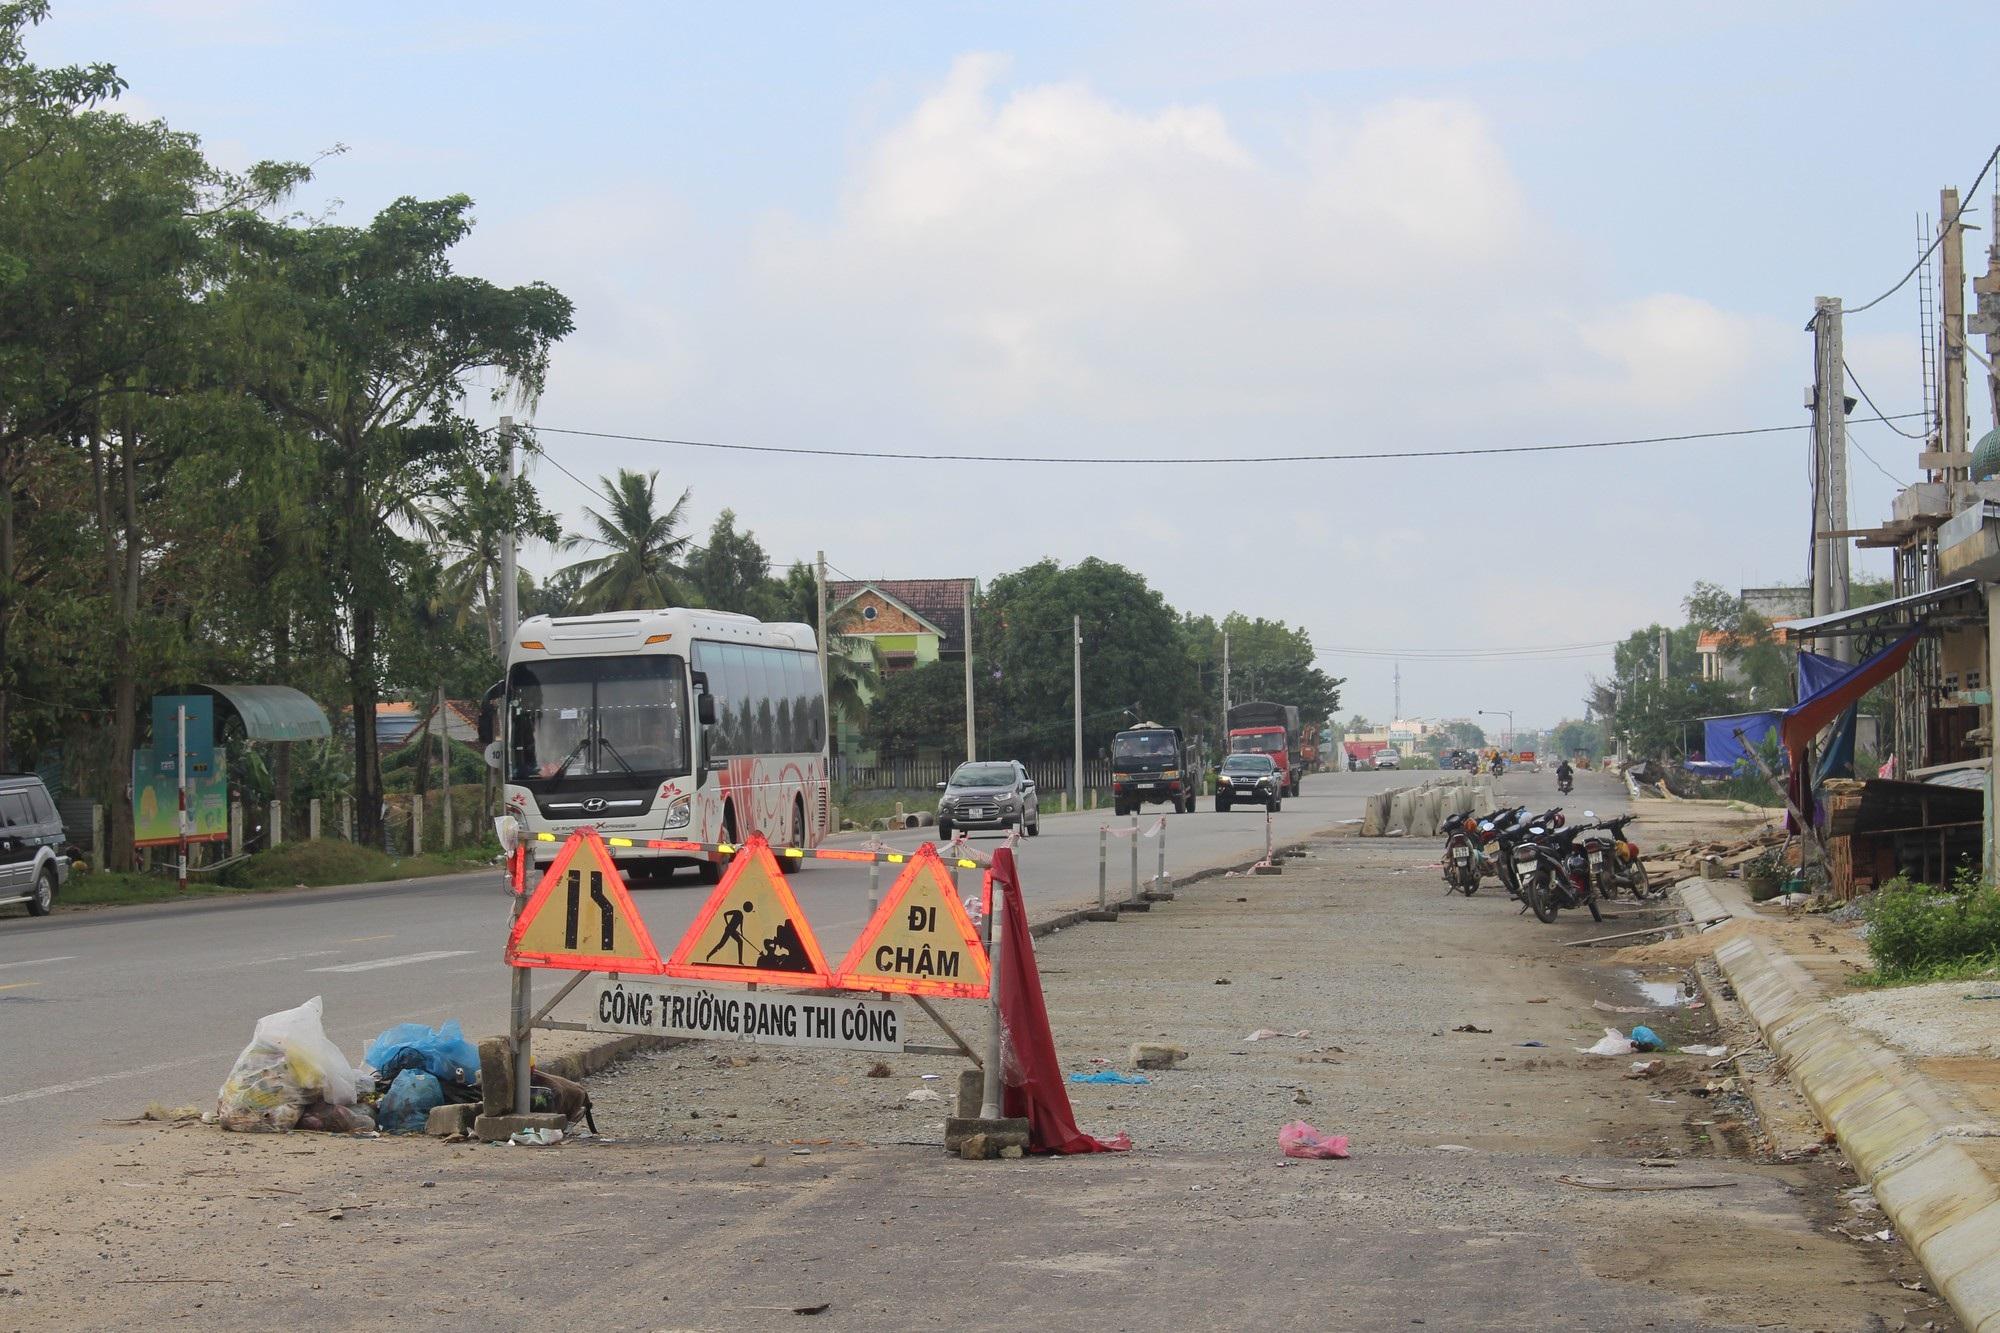 Quốc lộ 1A vẫn ngổn ngang sau 5 lần gia hạn tiến độ - Ảnh 1.